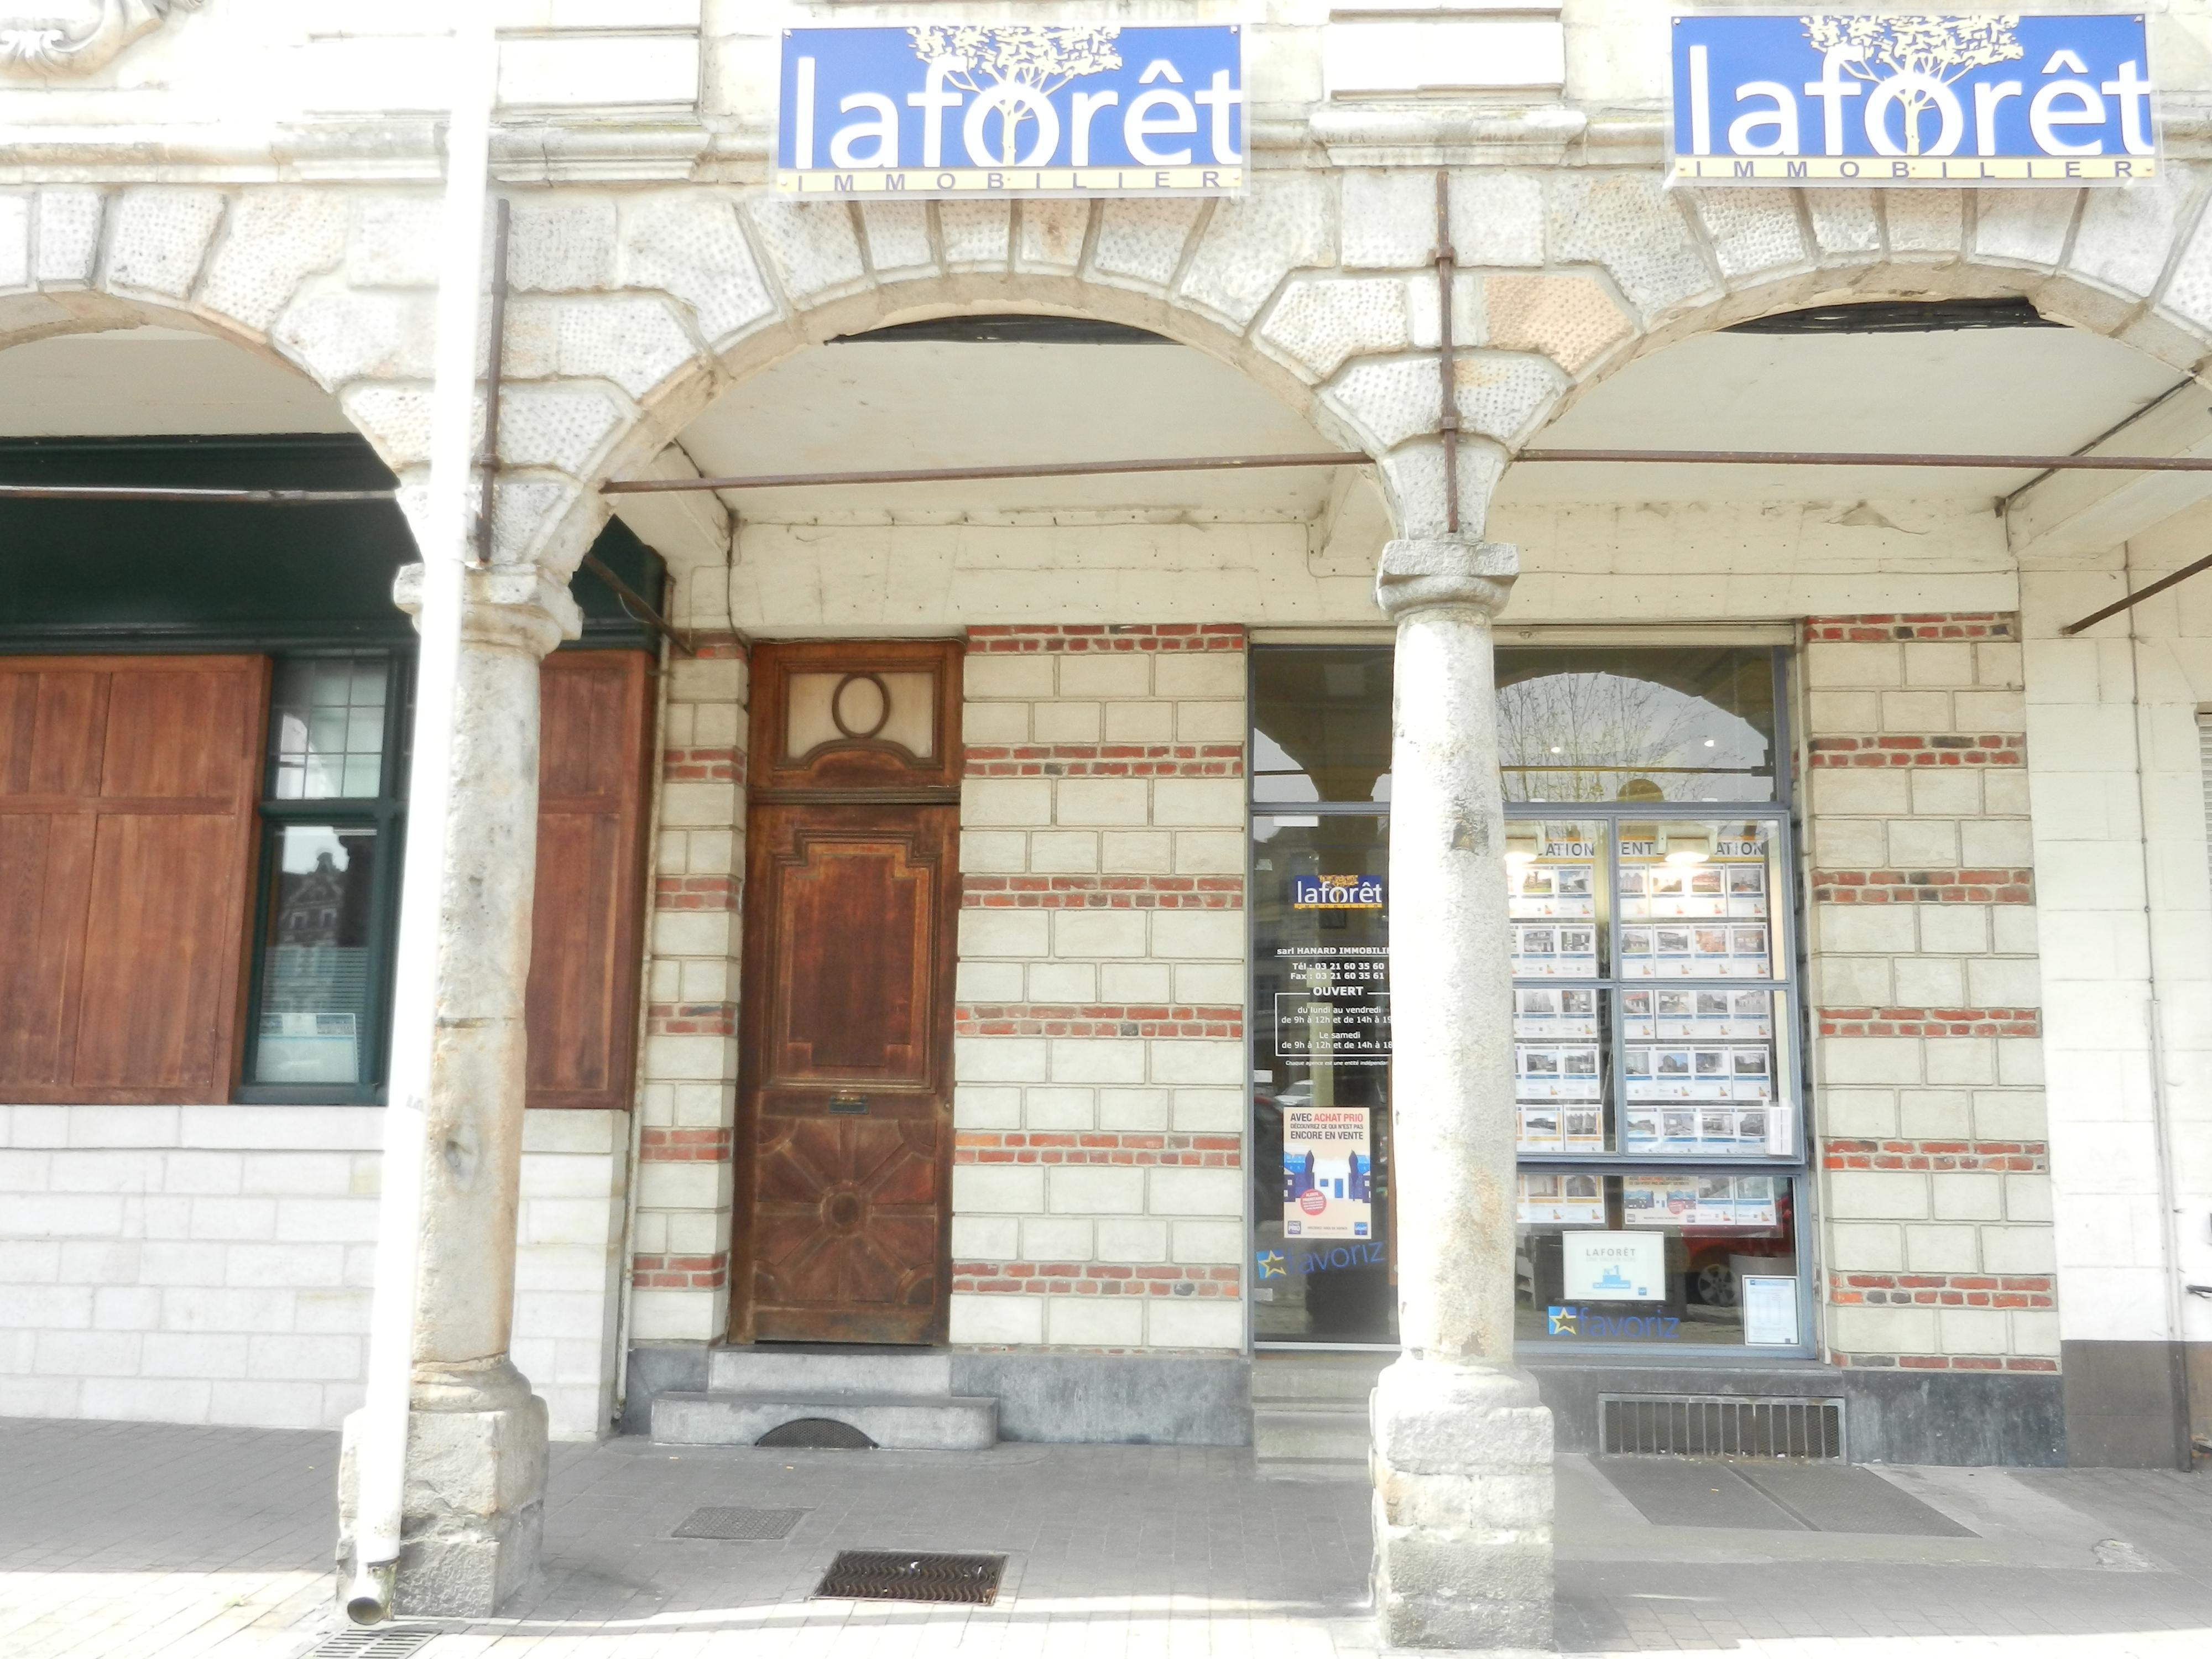 Image de l'agence Laforêt - Arras